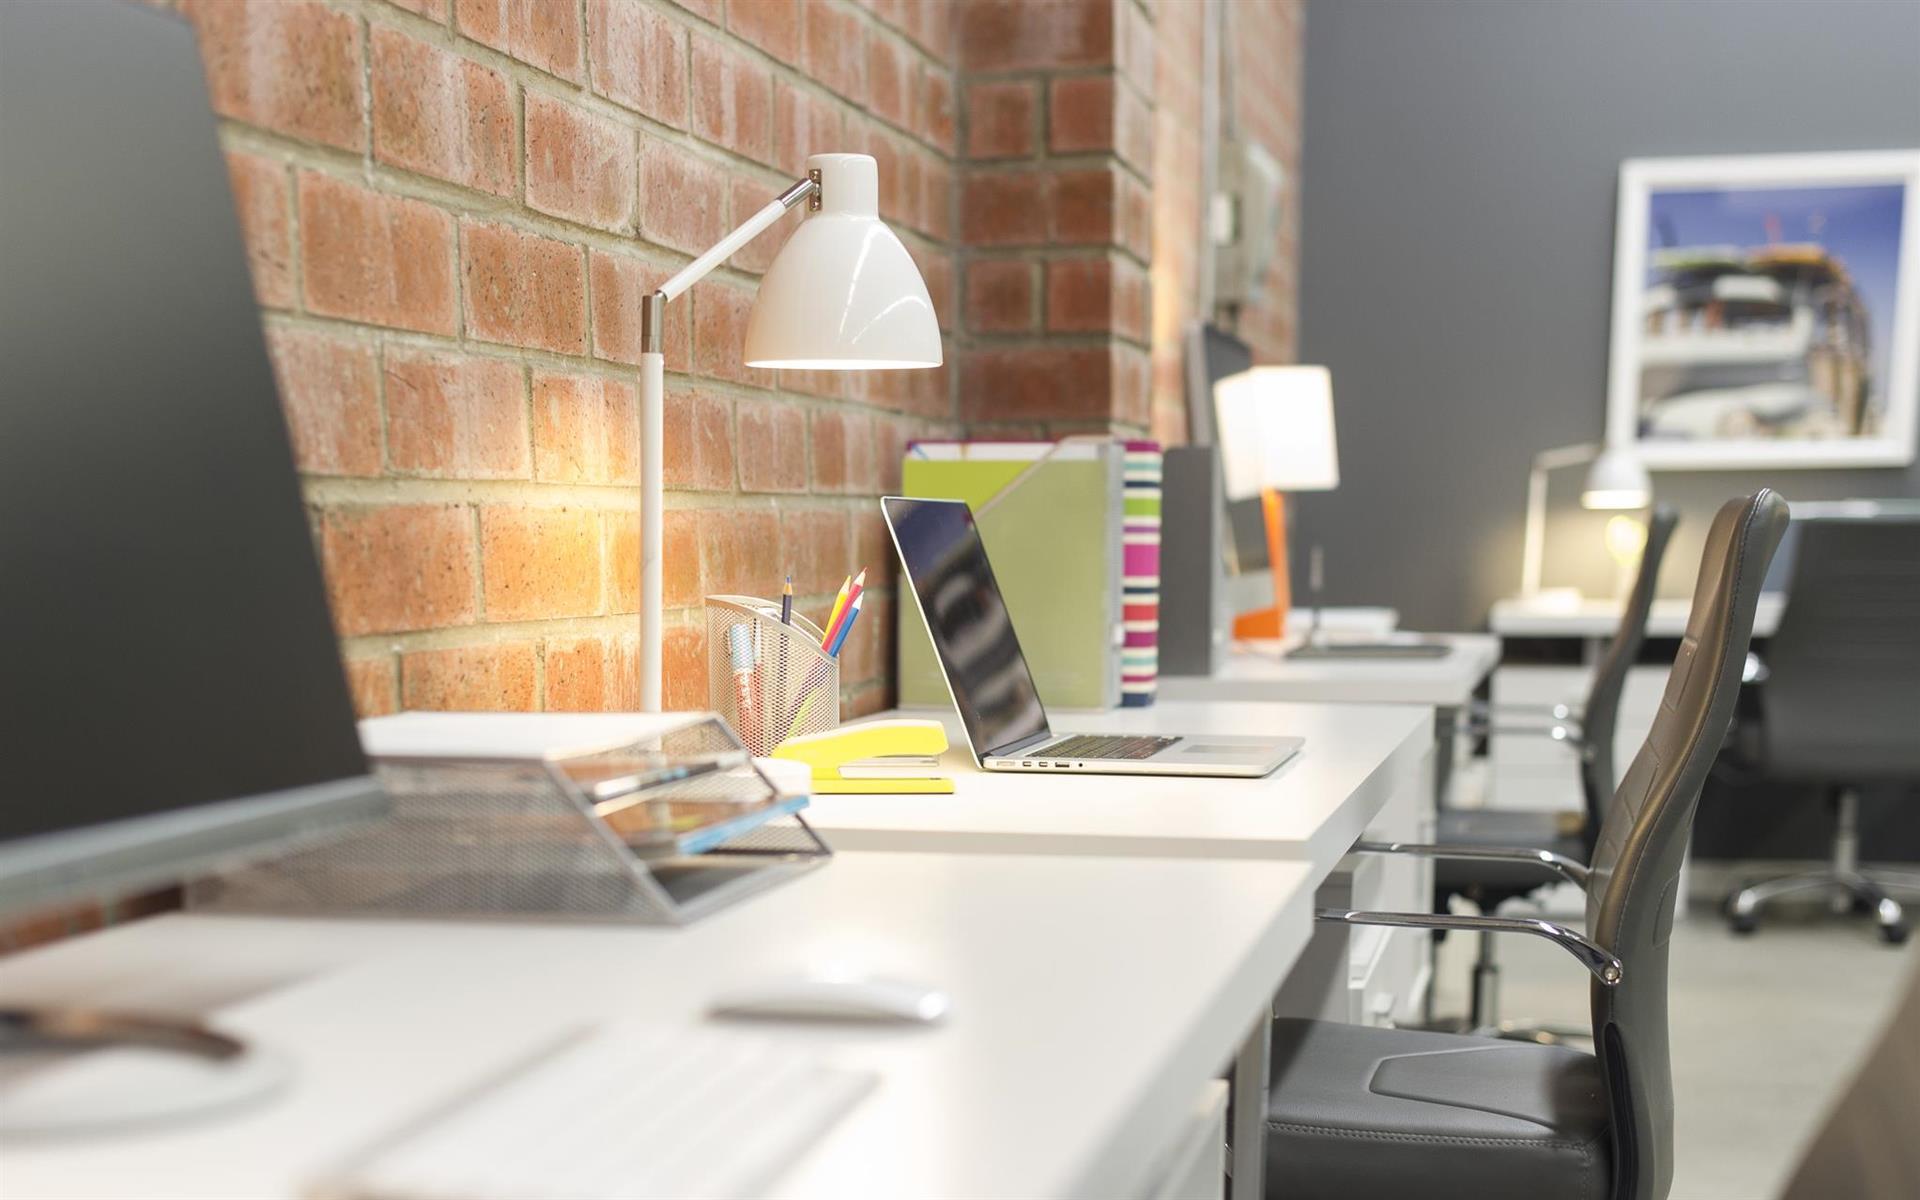 601 Vine Atelier | Studio, Meetings & CoWorking - Modern Creative Co-Working Space